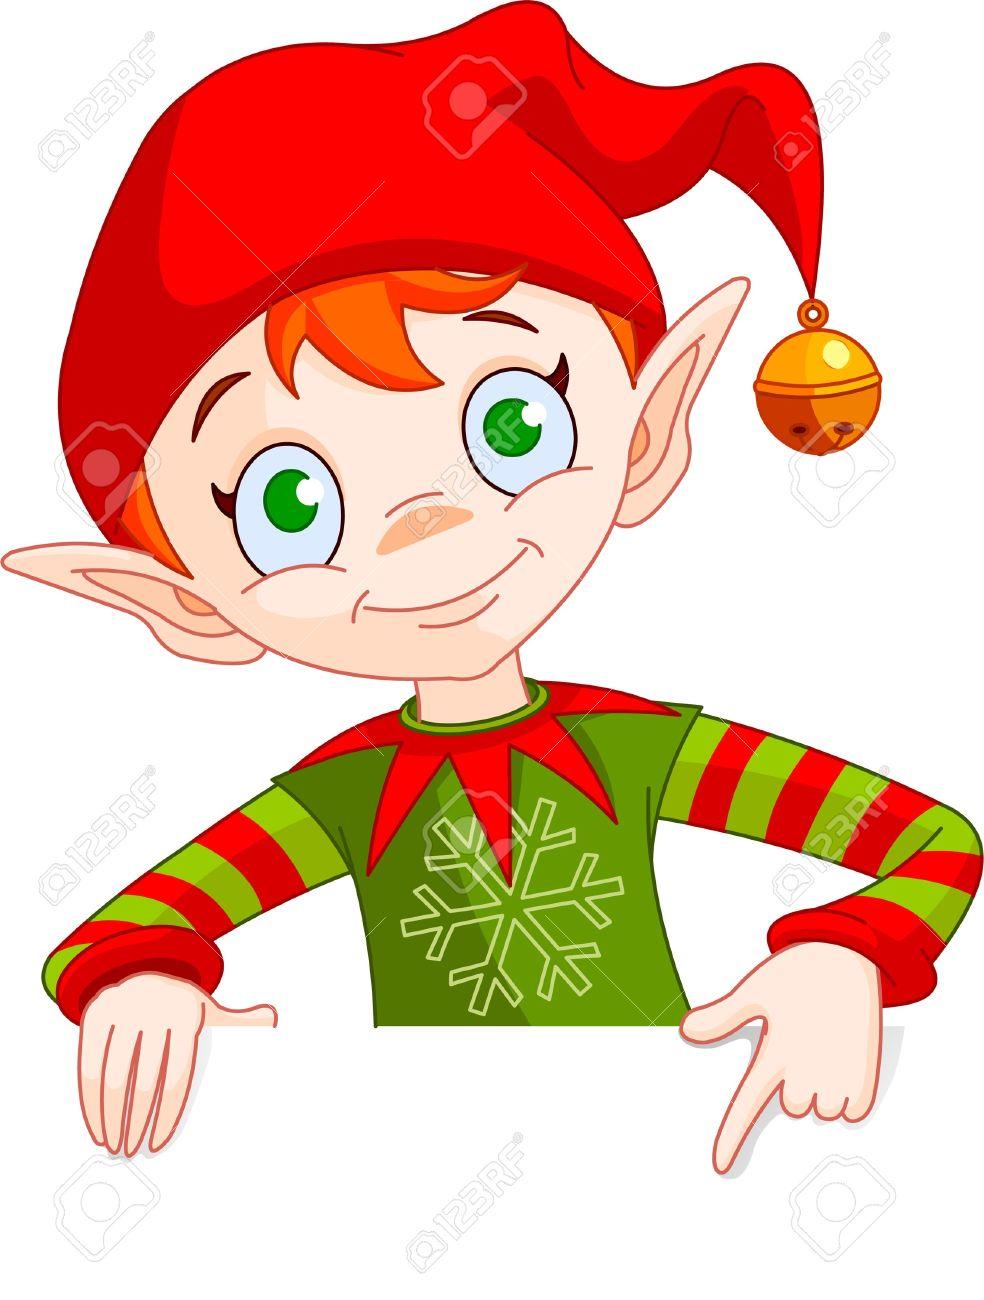 クリスマスのエルフを保持し、空白の白い印までの clipart イラスト